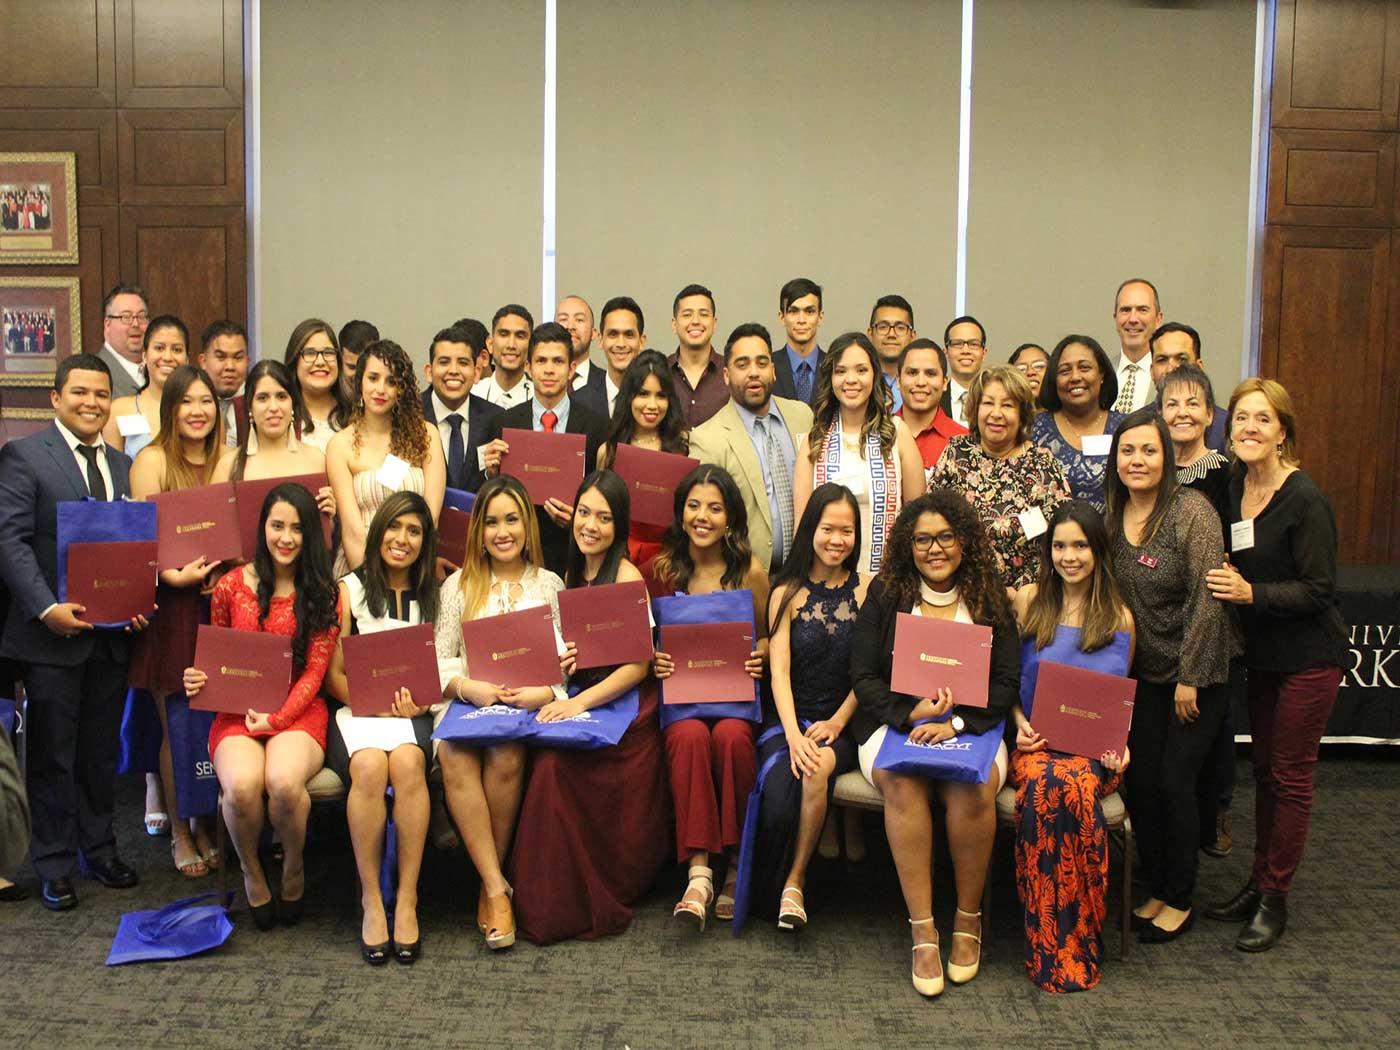 Panameños se gradúan con honores de la Universidad de Arkansas